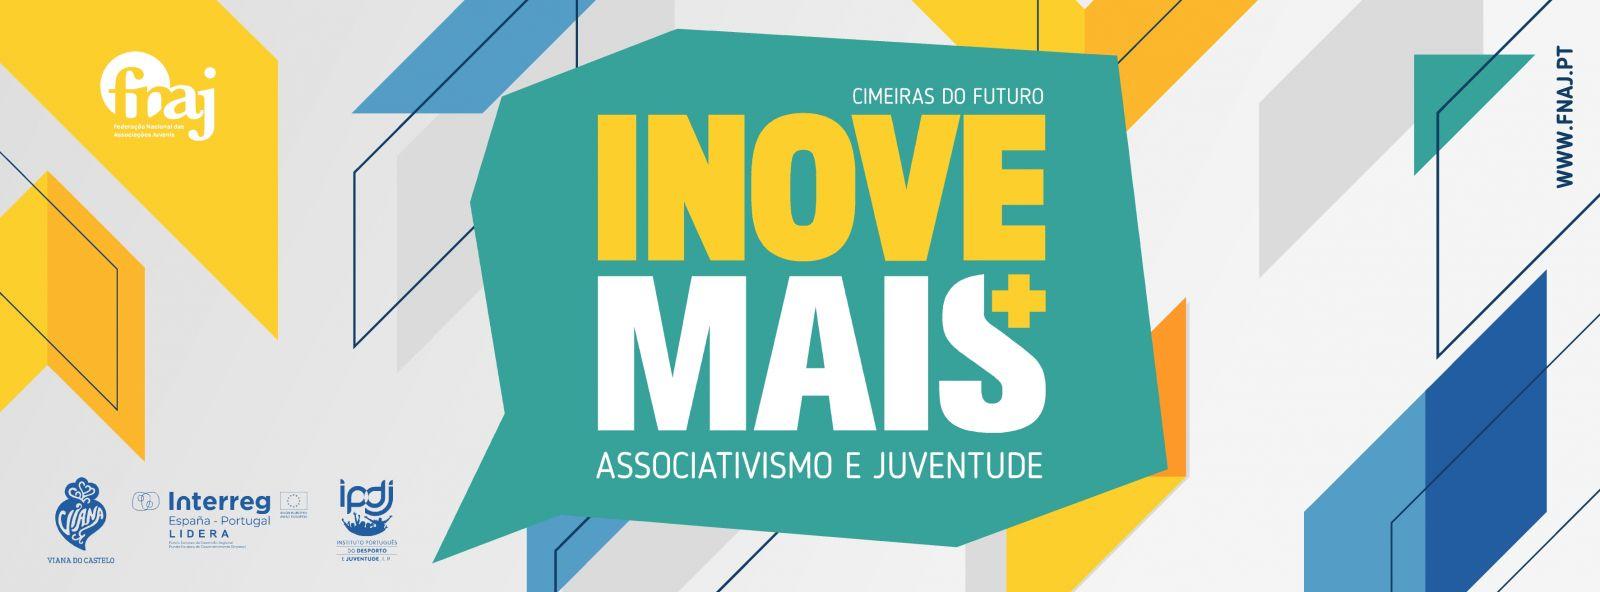 imagem gráfica com o lettering Cimeiras do Futuro | INOVE+ | Associativismo e Juventude